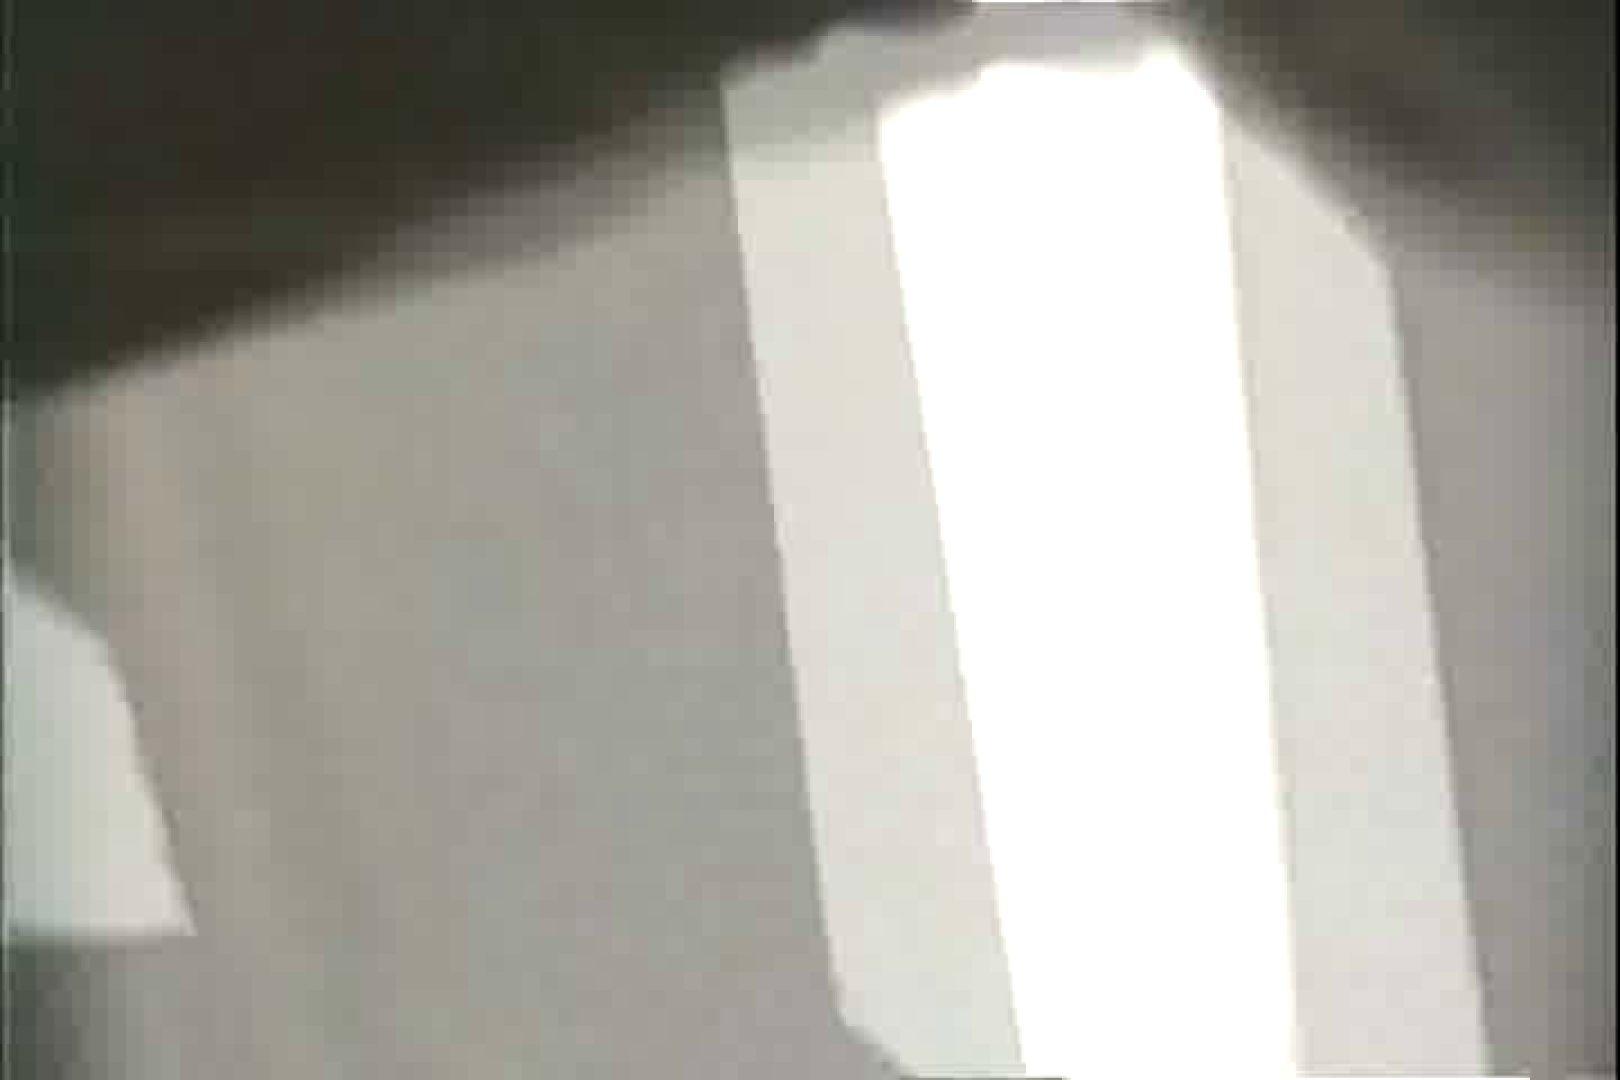 「ちくりん」さんのオリジナル未編集パンチラVol.3_02 チラ | 盗撮特集  87画像 5